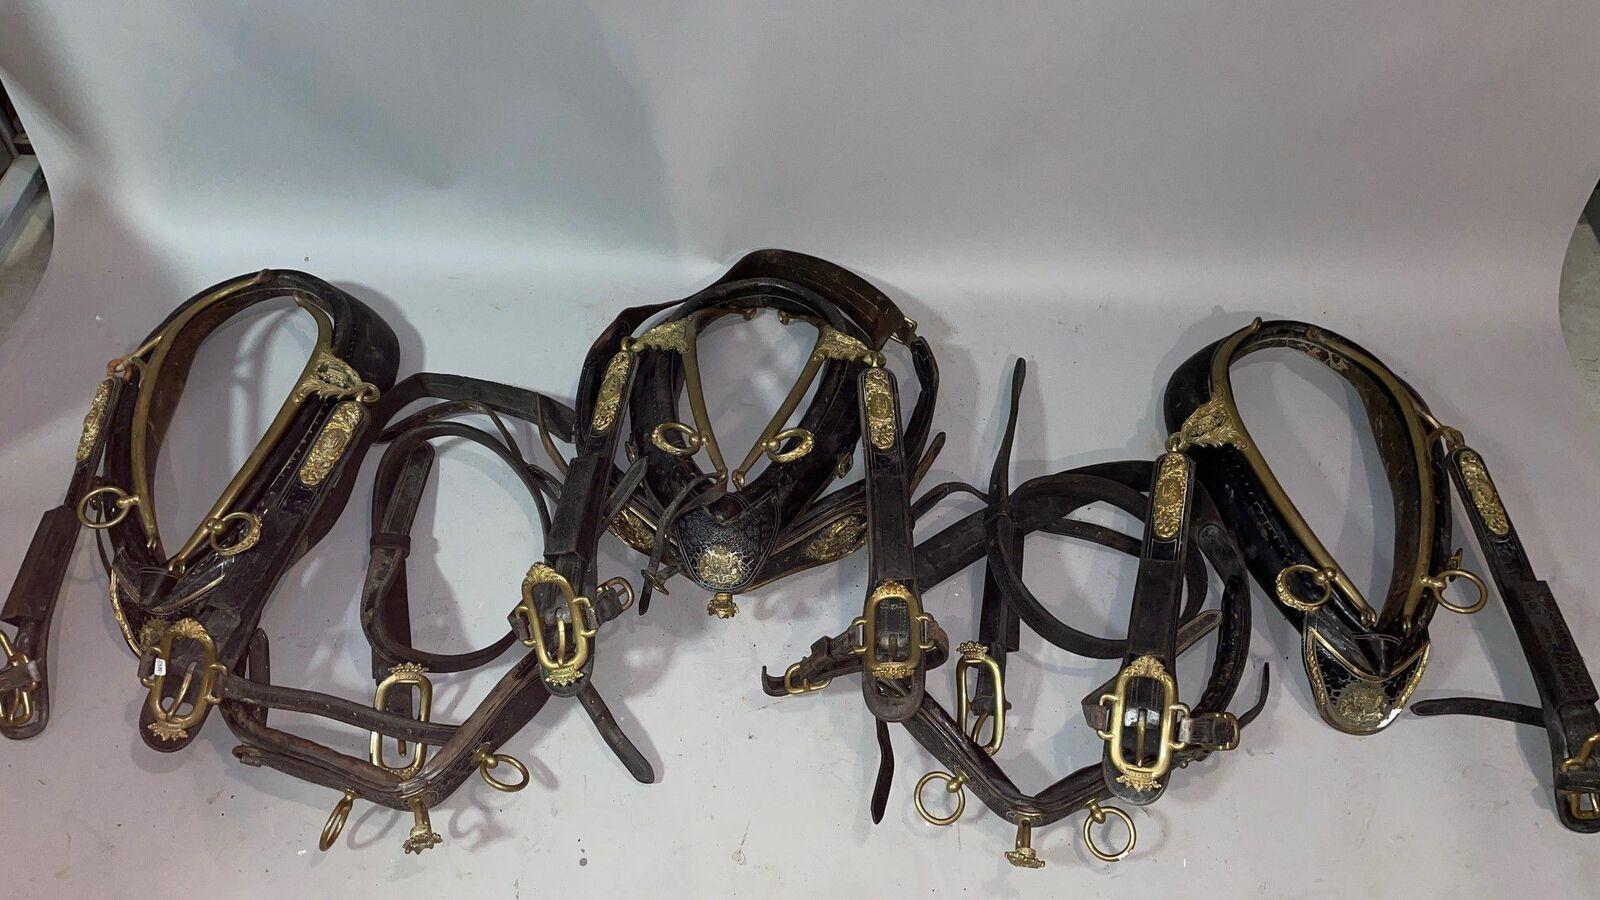 Rare harnais de gala aux armoiries d'alliance de son Excellence l'Ambassadeur Melchior de Vogüé et de Claire des Montiers-Mérinville Comprend : 4 colliers, 3 mantelets, partie de traits, belle garniture en métal doré, (nombreux manques).